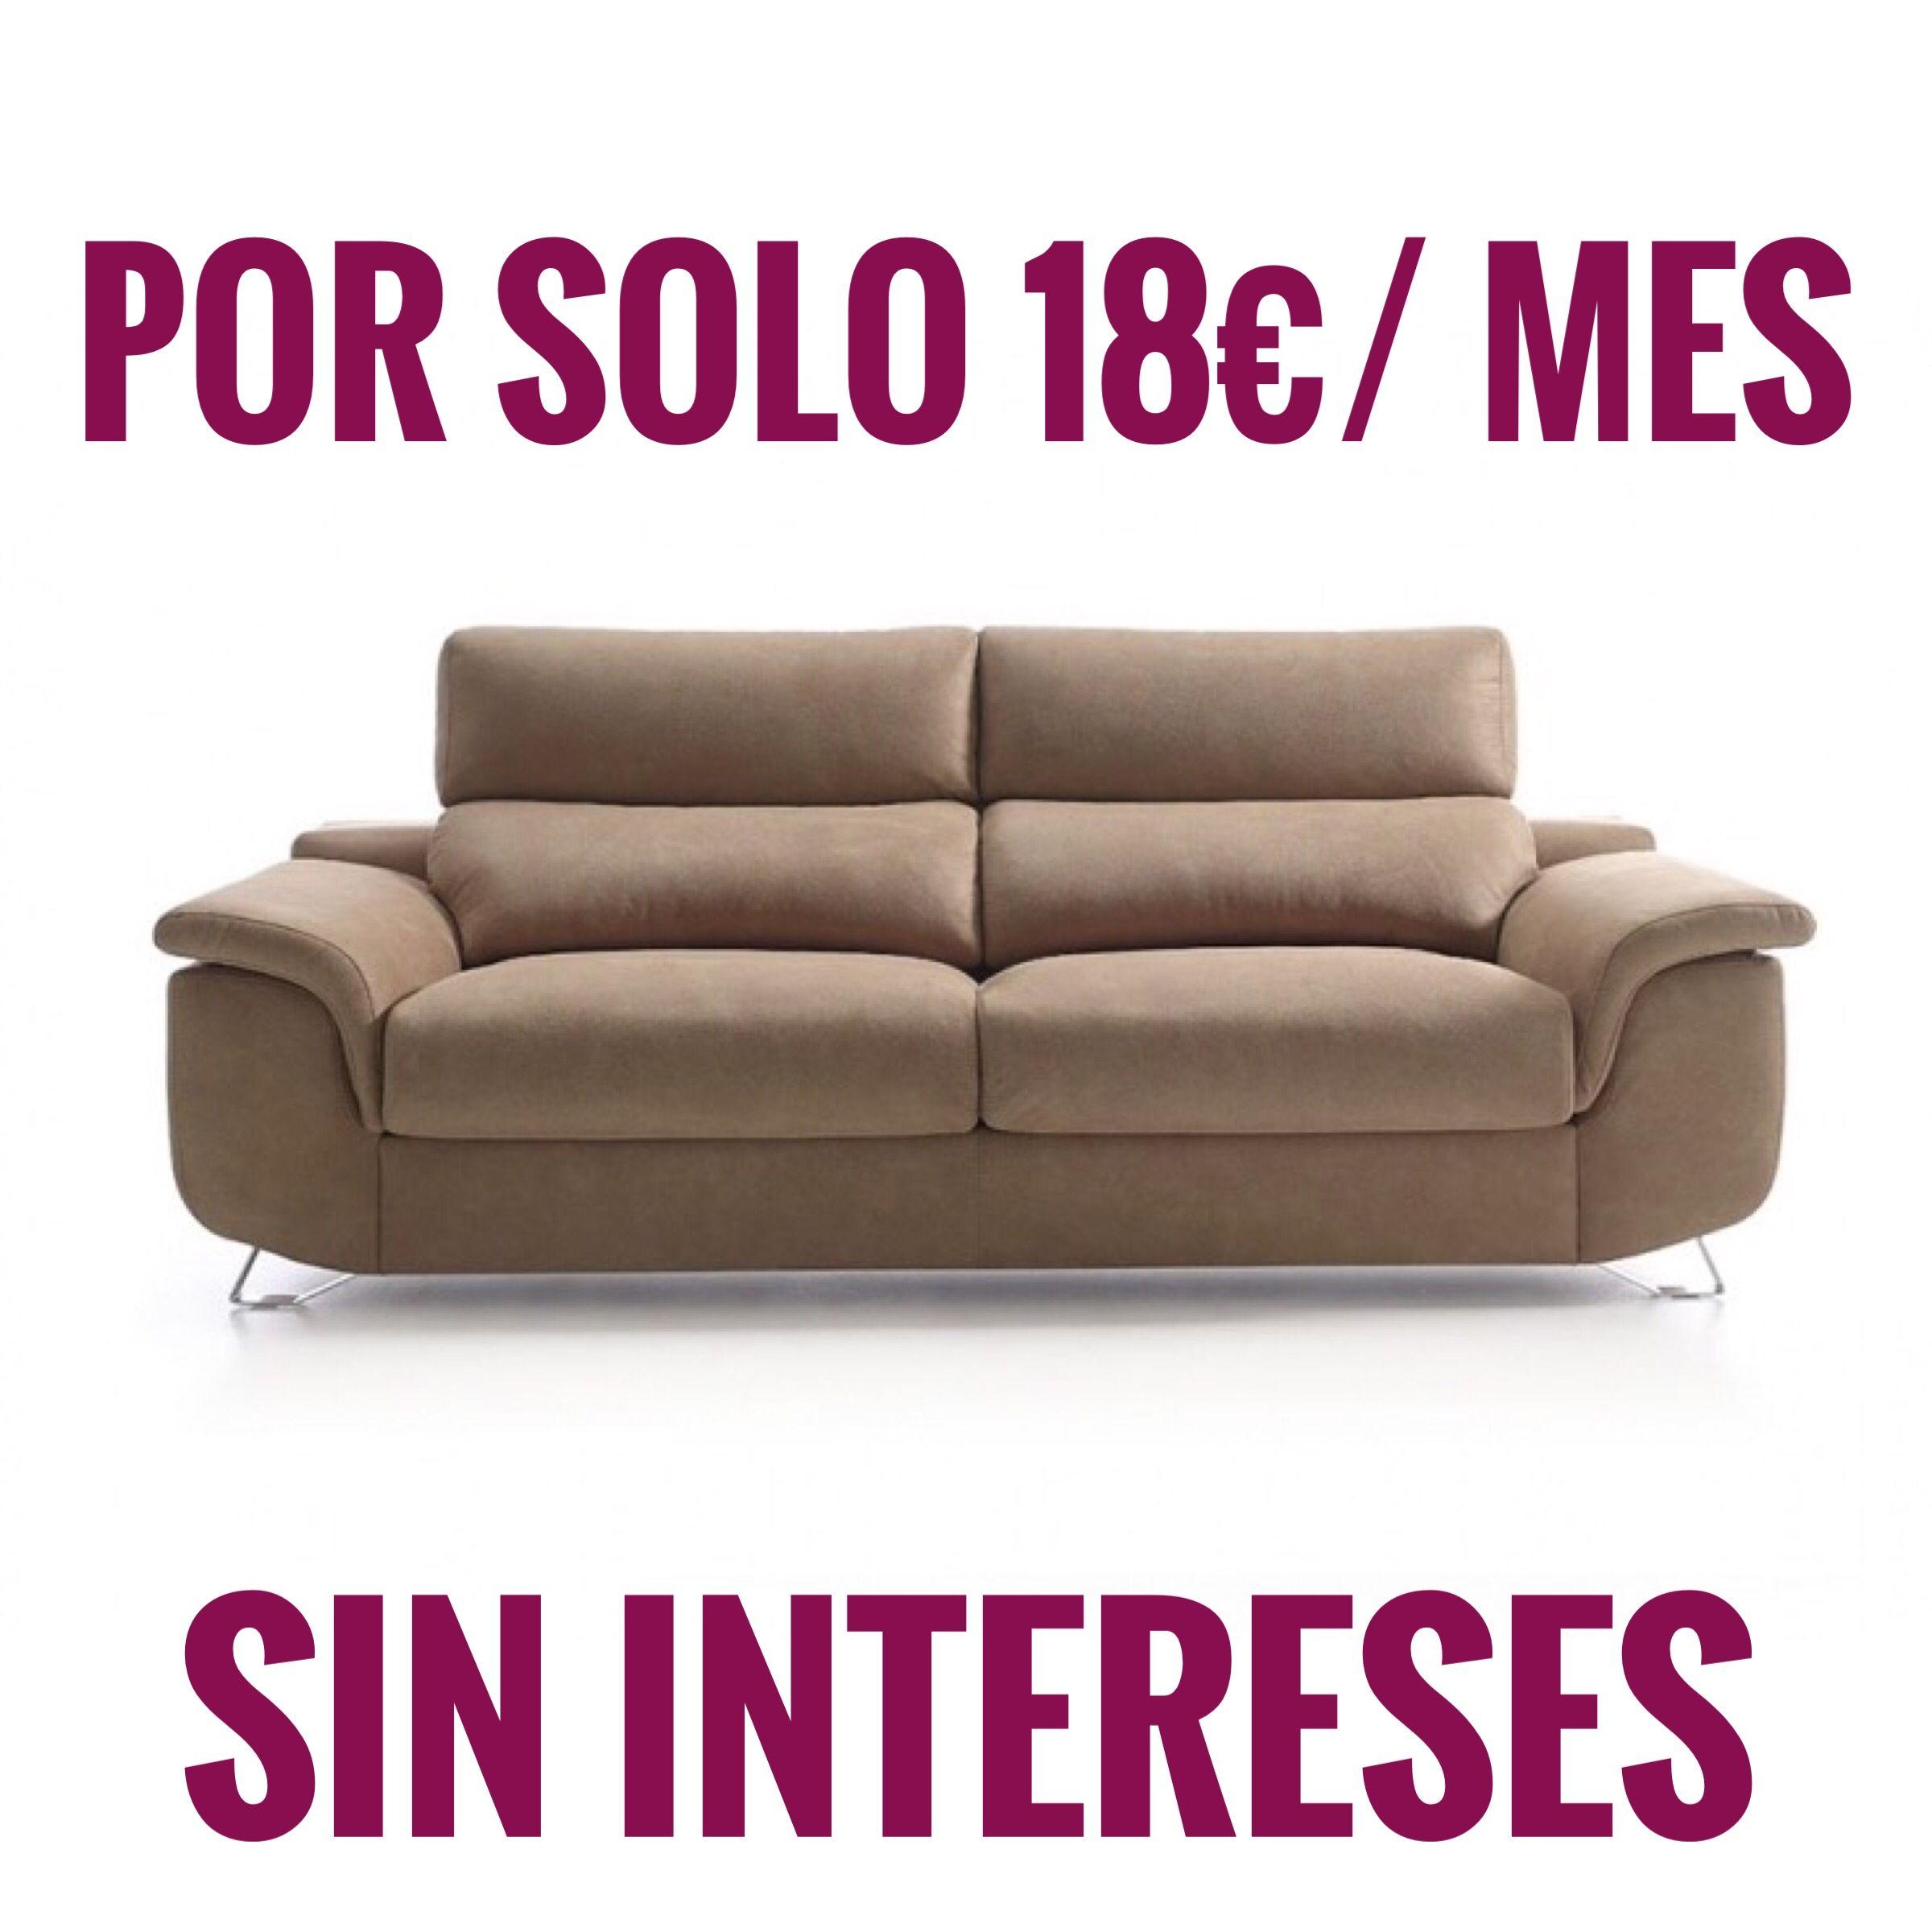 Productos De Muebles Sagunto # Muebles Sagunto